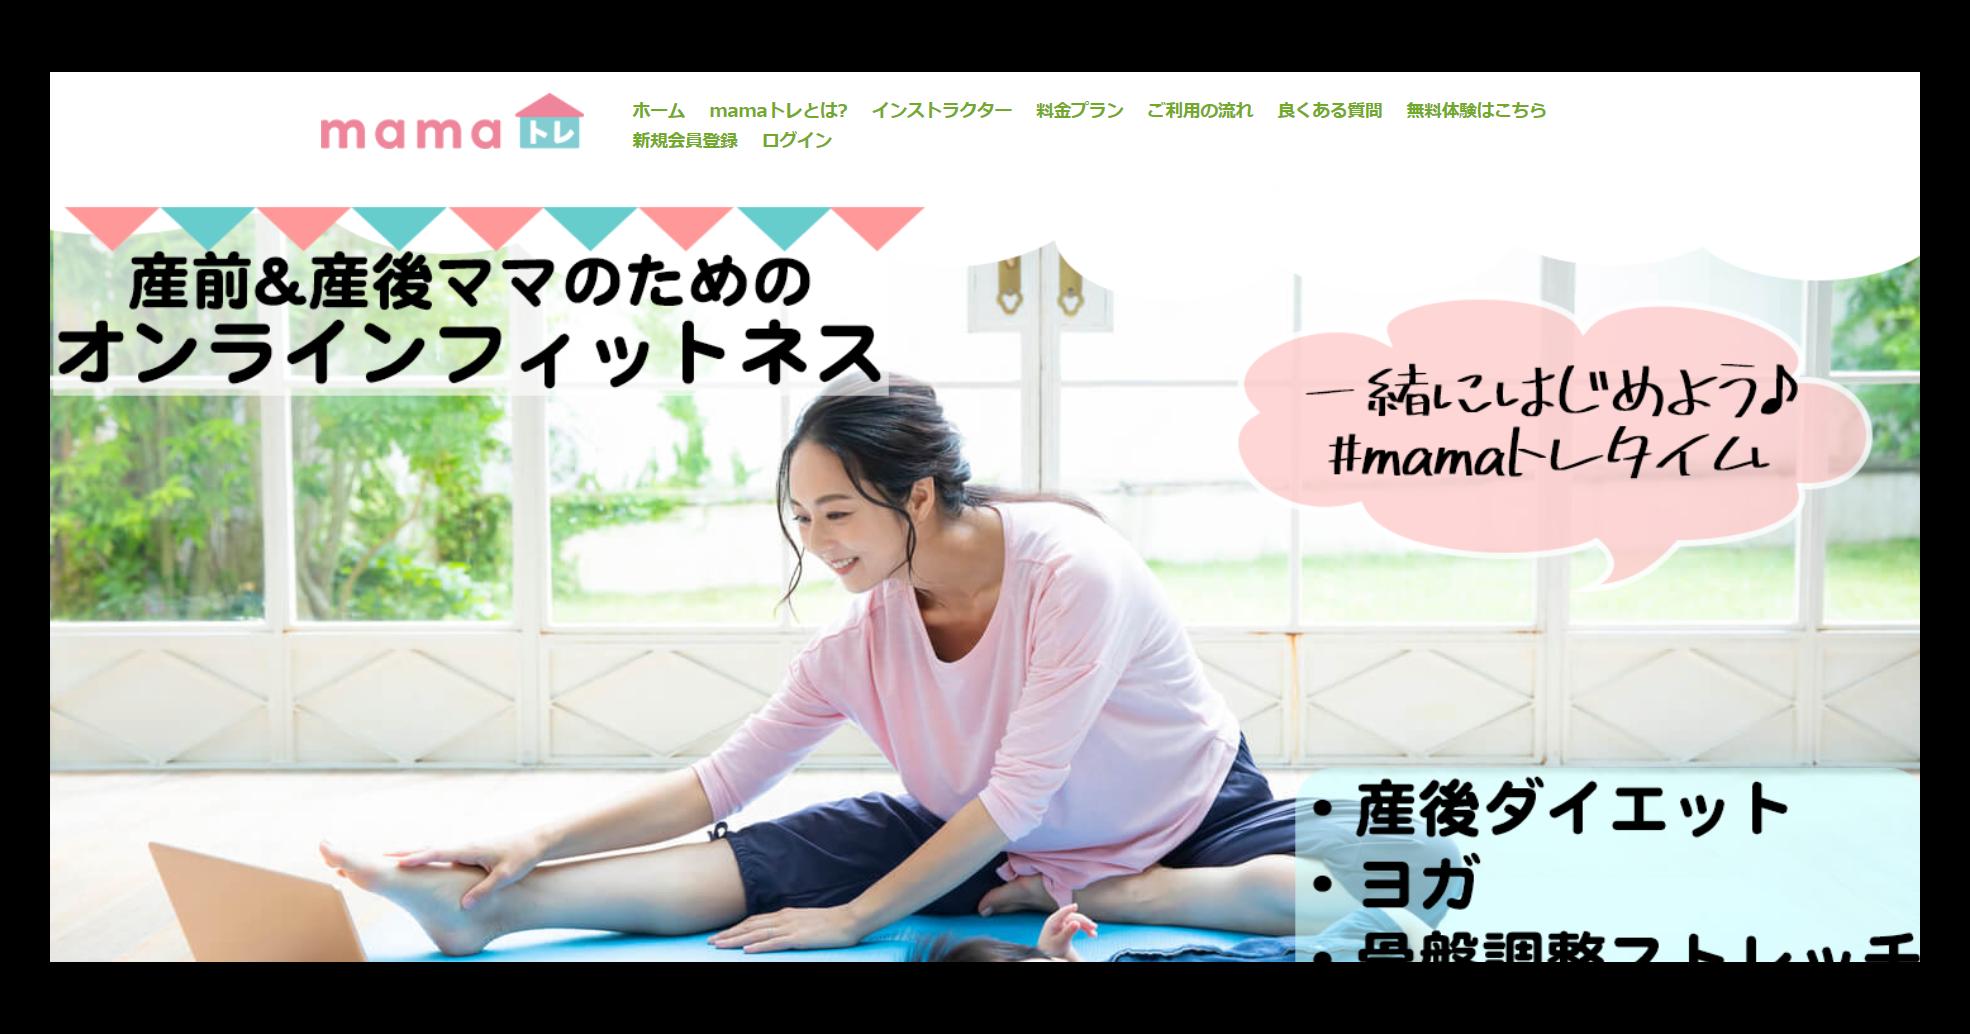 mamaトレで産前&産後ママもオンラインフィットネス・ヨガができる 【口コミ・評判】